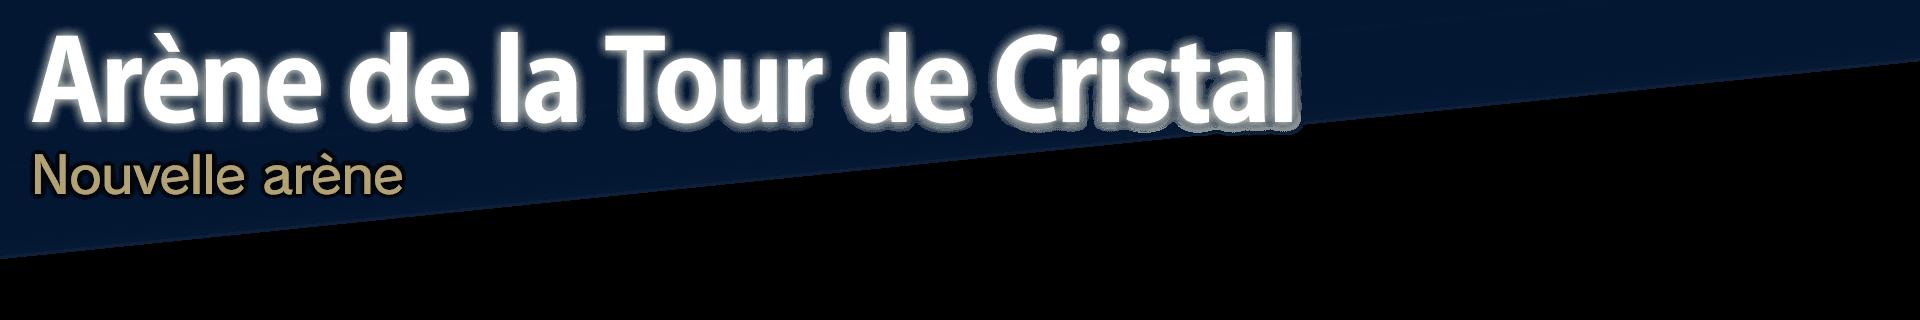 Arène de la Tour de Cristal Nouvelle arène